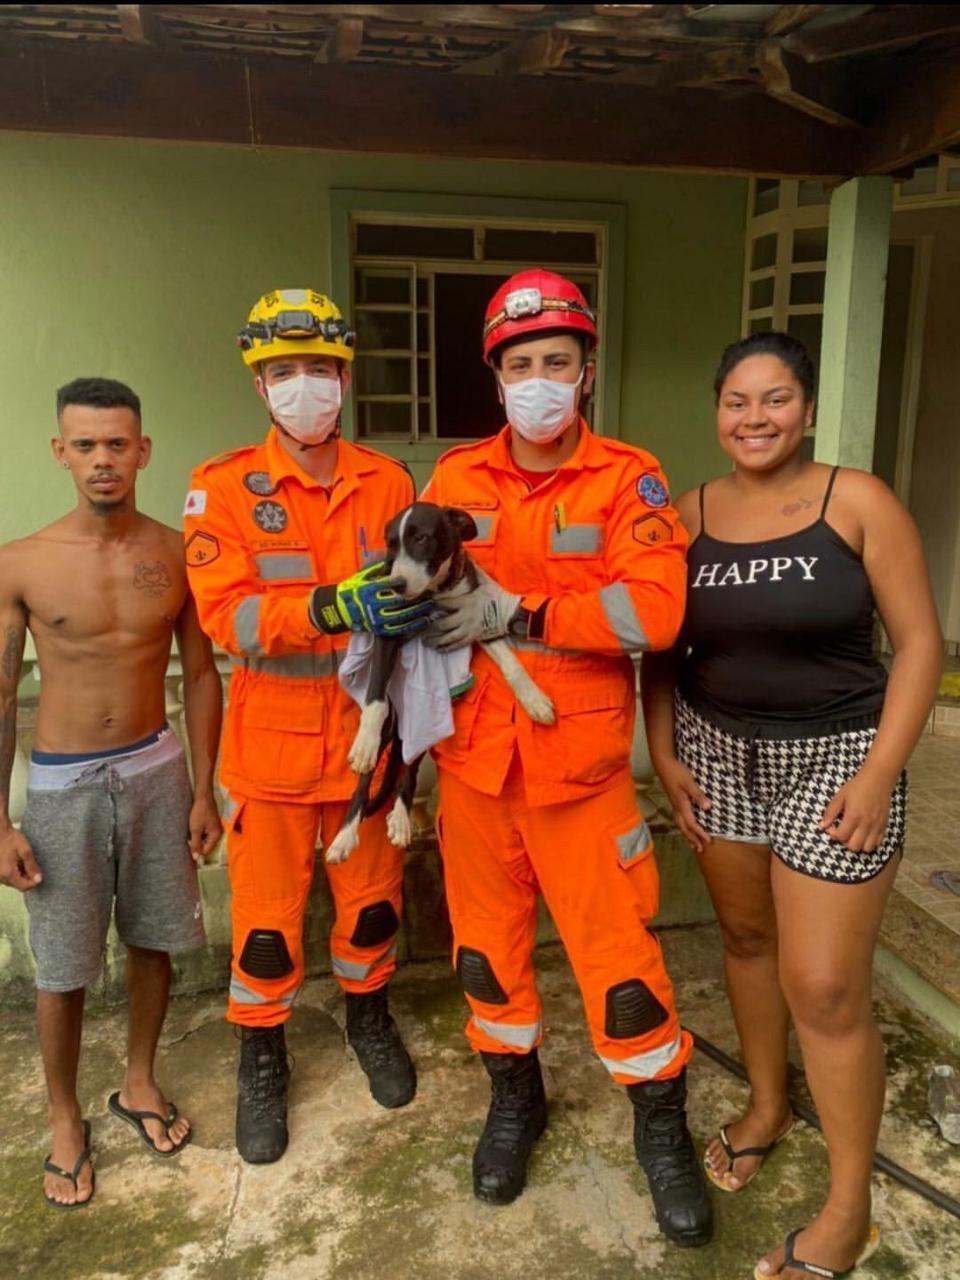 Bombeiros resgatam cão que prendeu cabeça no pilar de uma varanda em Oliveira; veja imagens